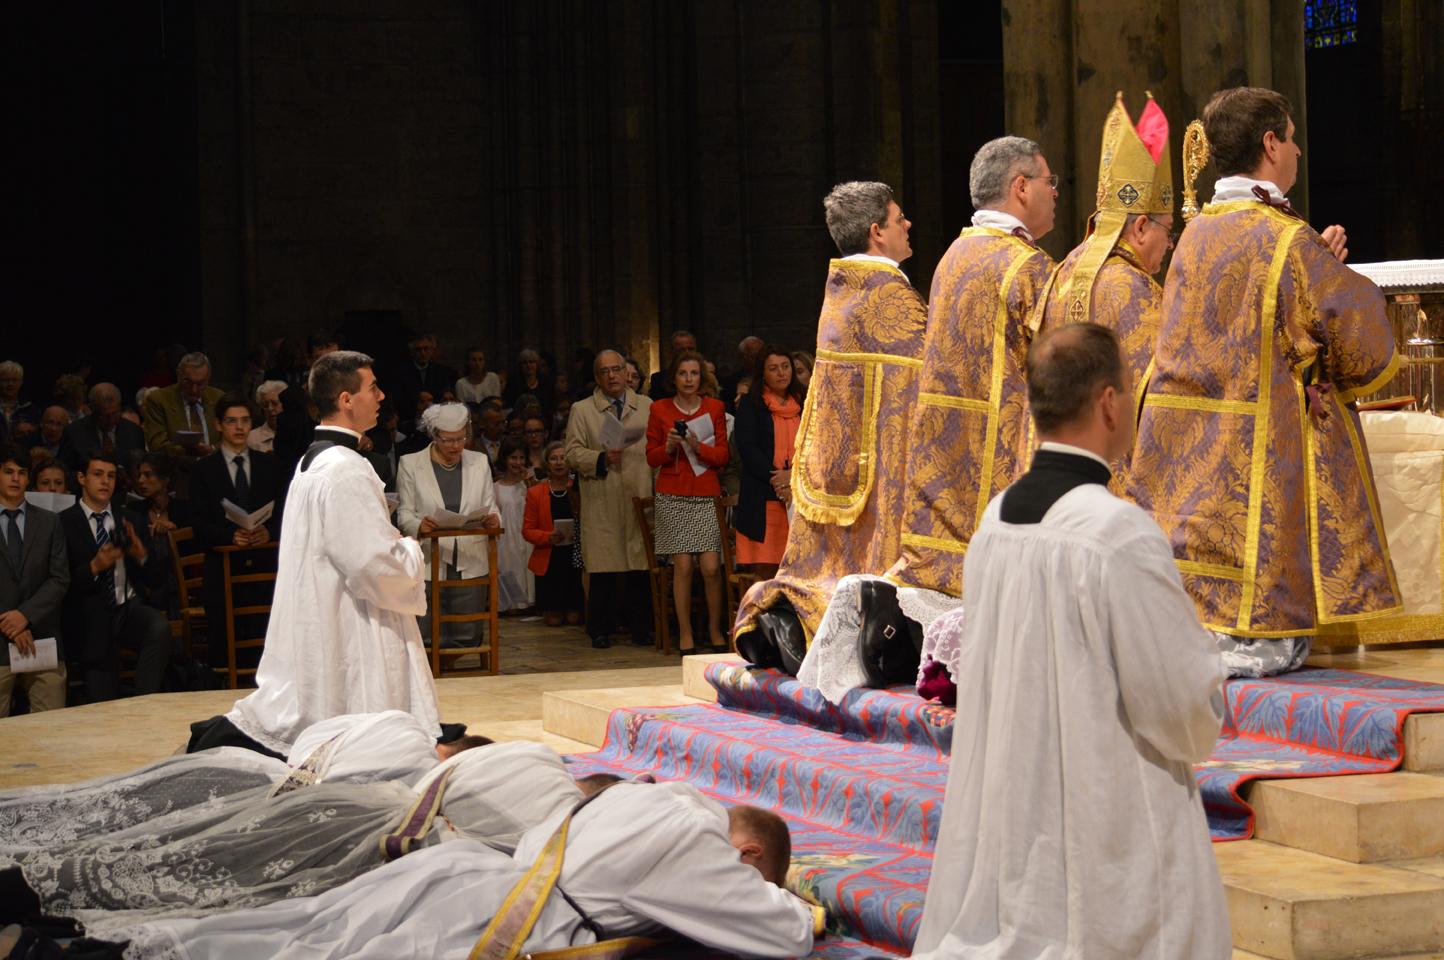 Pourquoi des prêtres ?